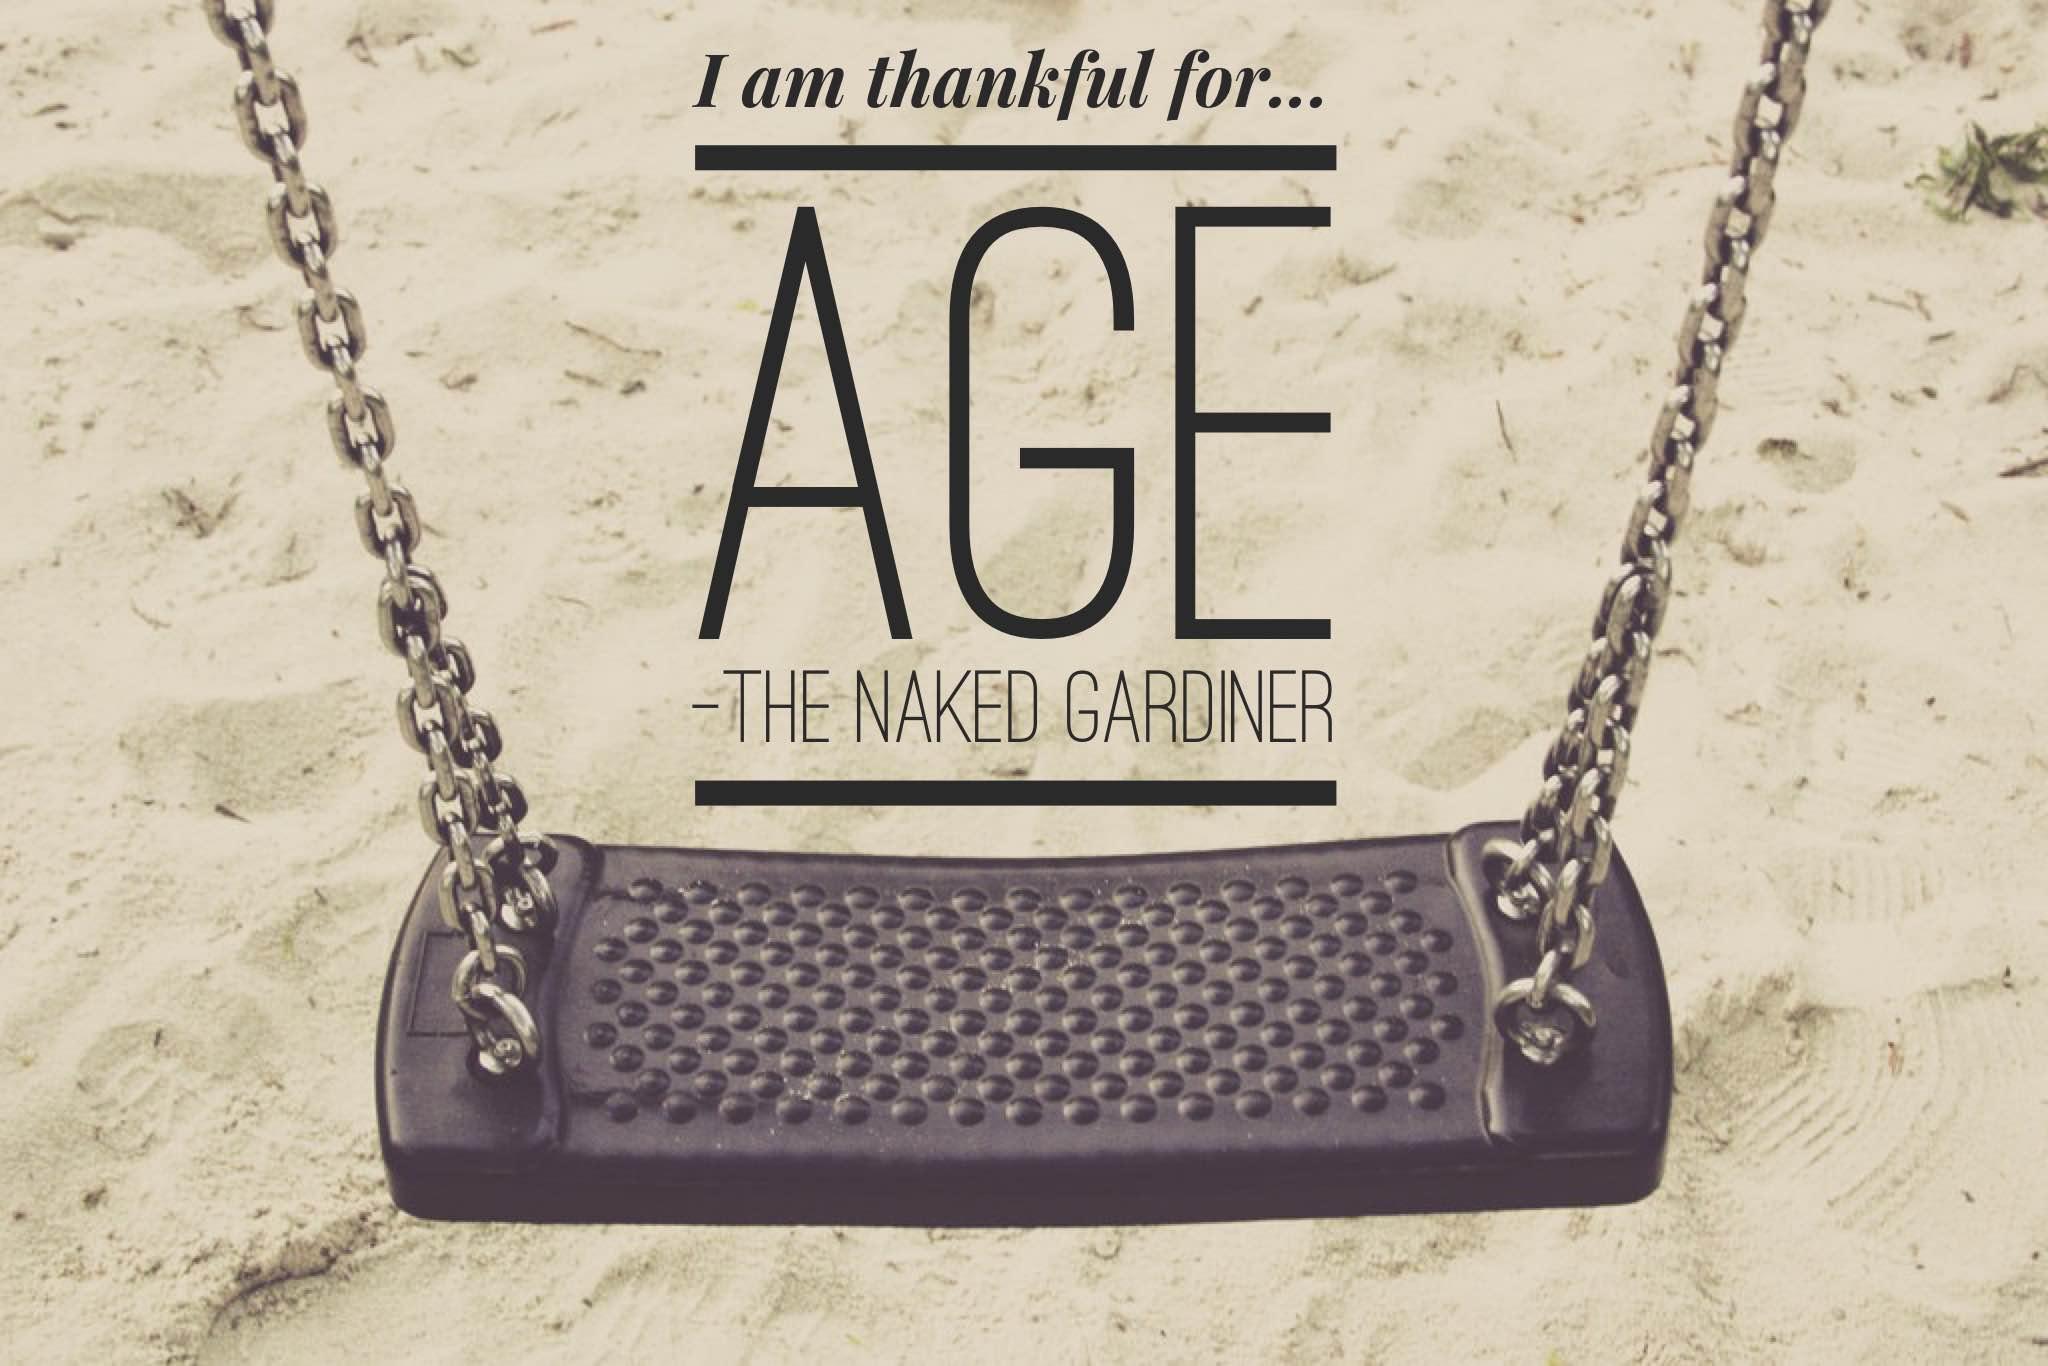 thankful-thursdays-age-thenakedgardiner-markusspiske